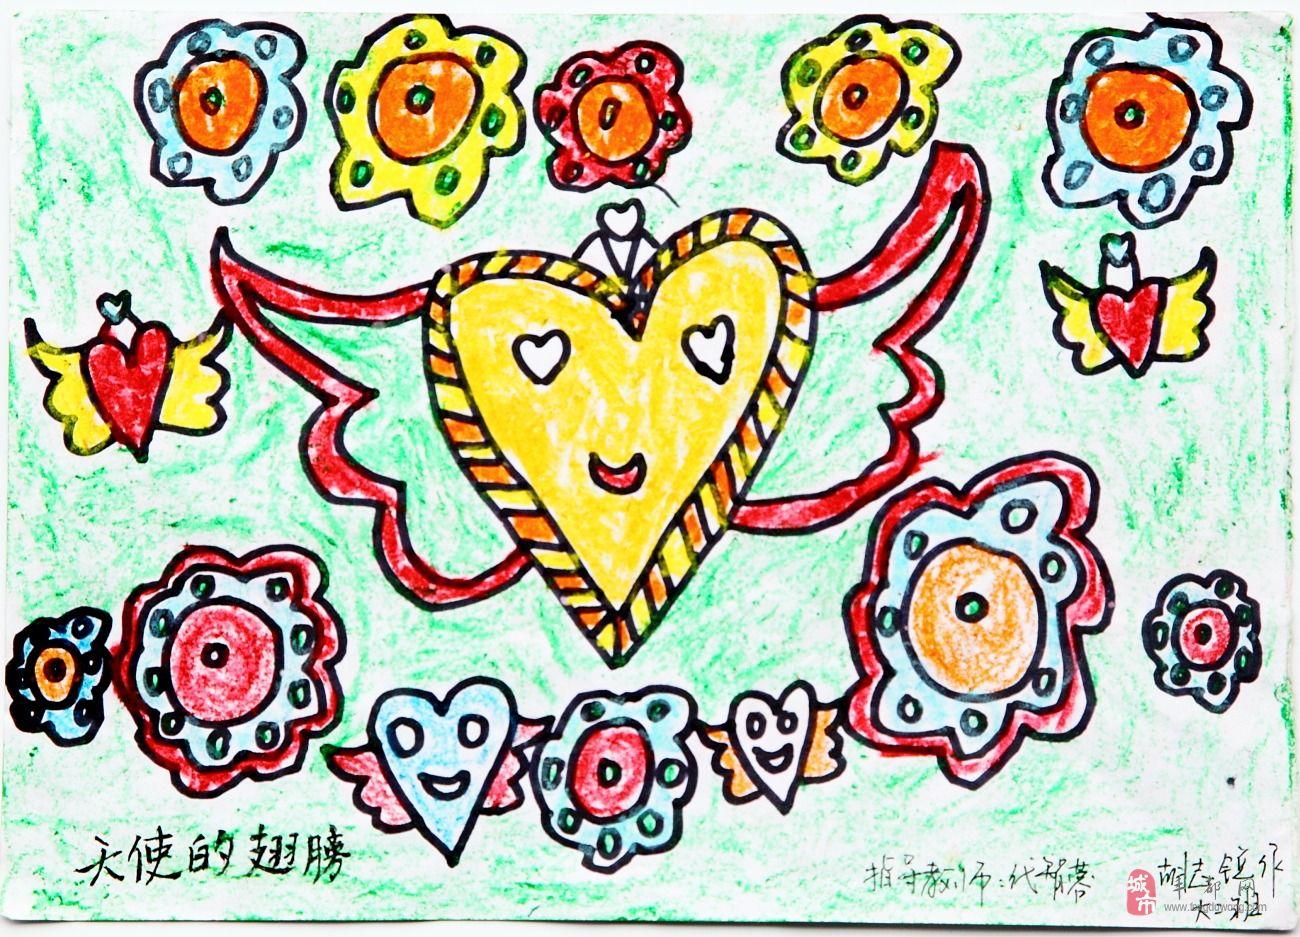 天使翅膀素描图片_天使的翅膀简笔画_天使的翅膀图片欣赏_天使的翅膀儿童画画作品 ...